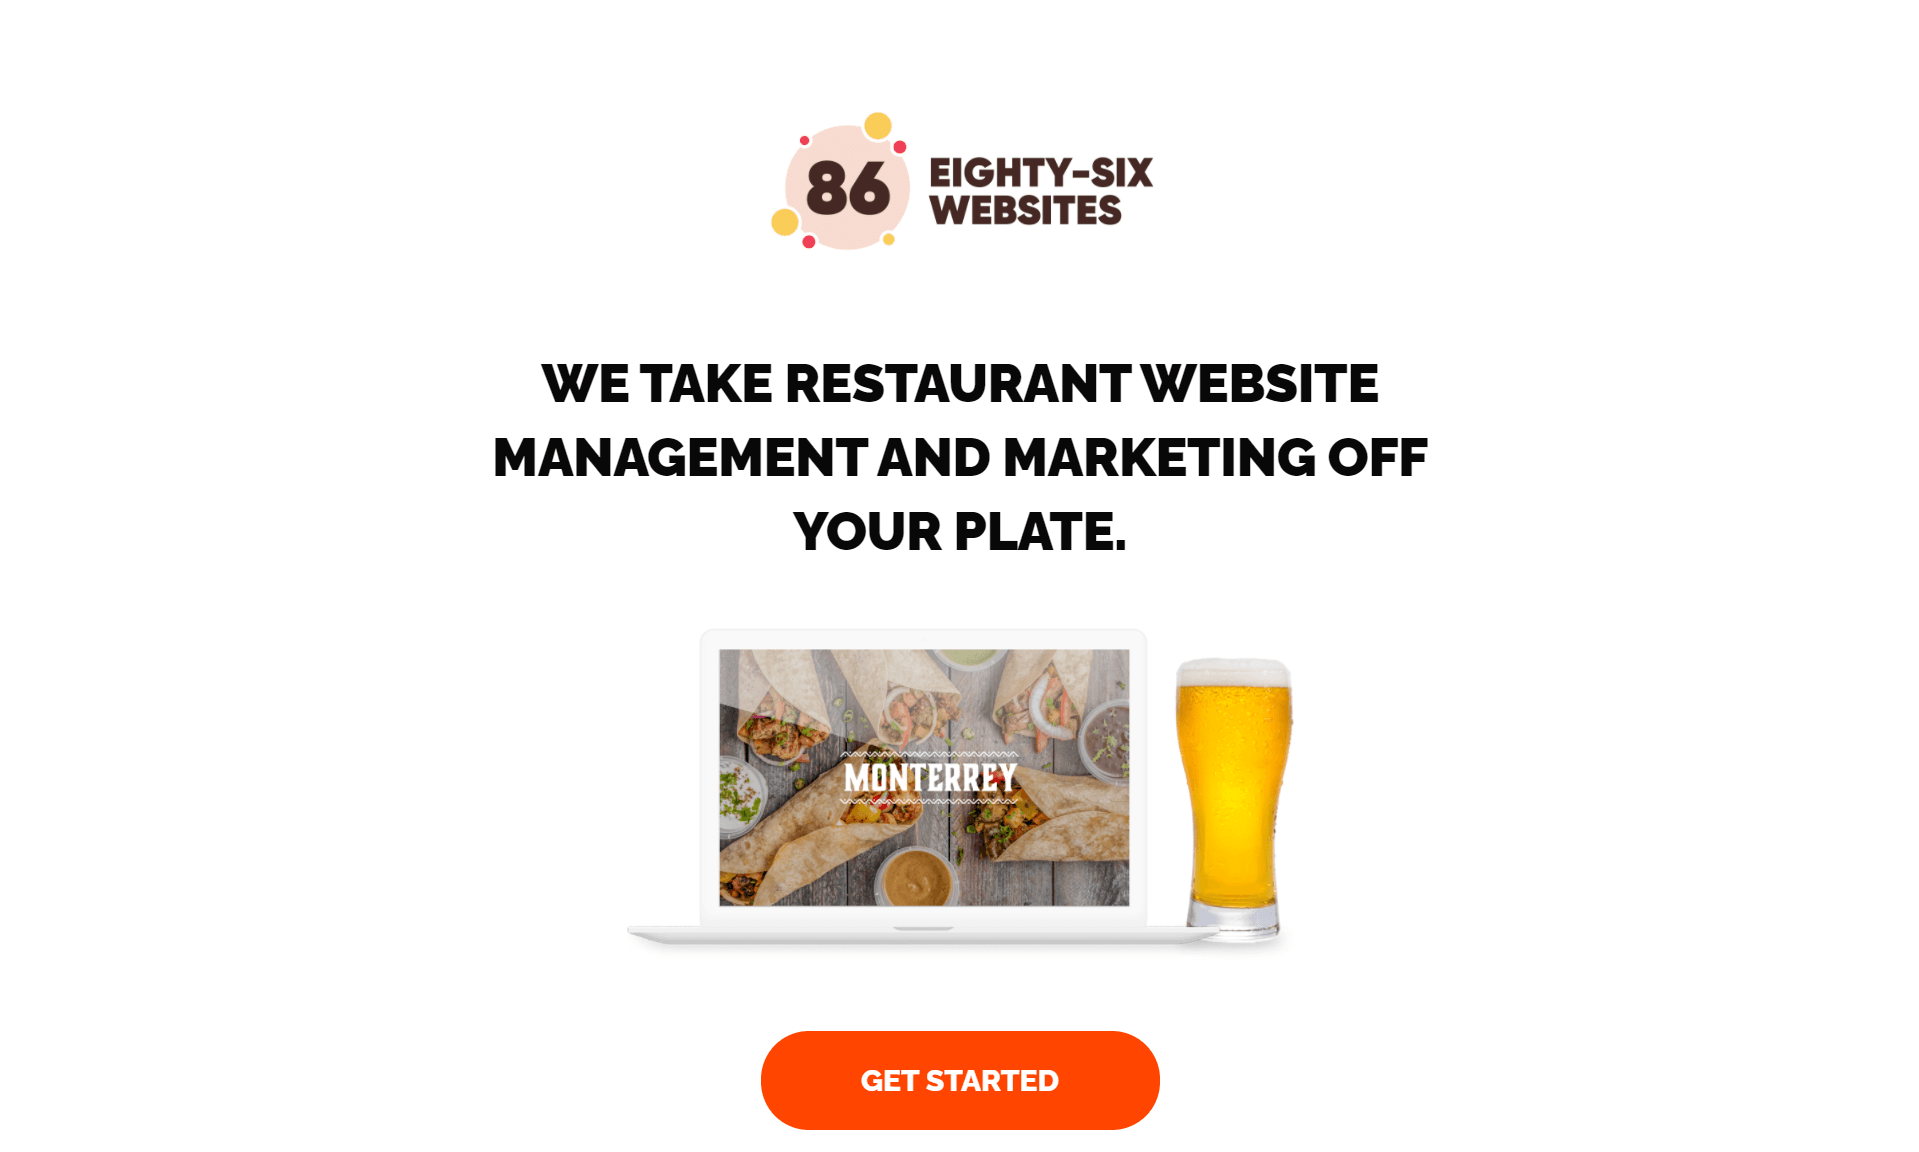 86 Websites